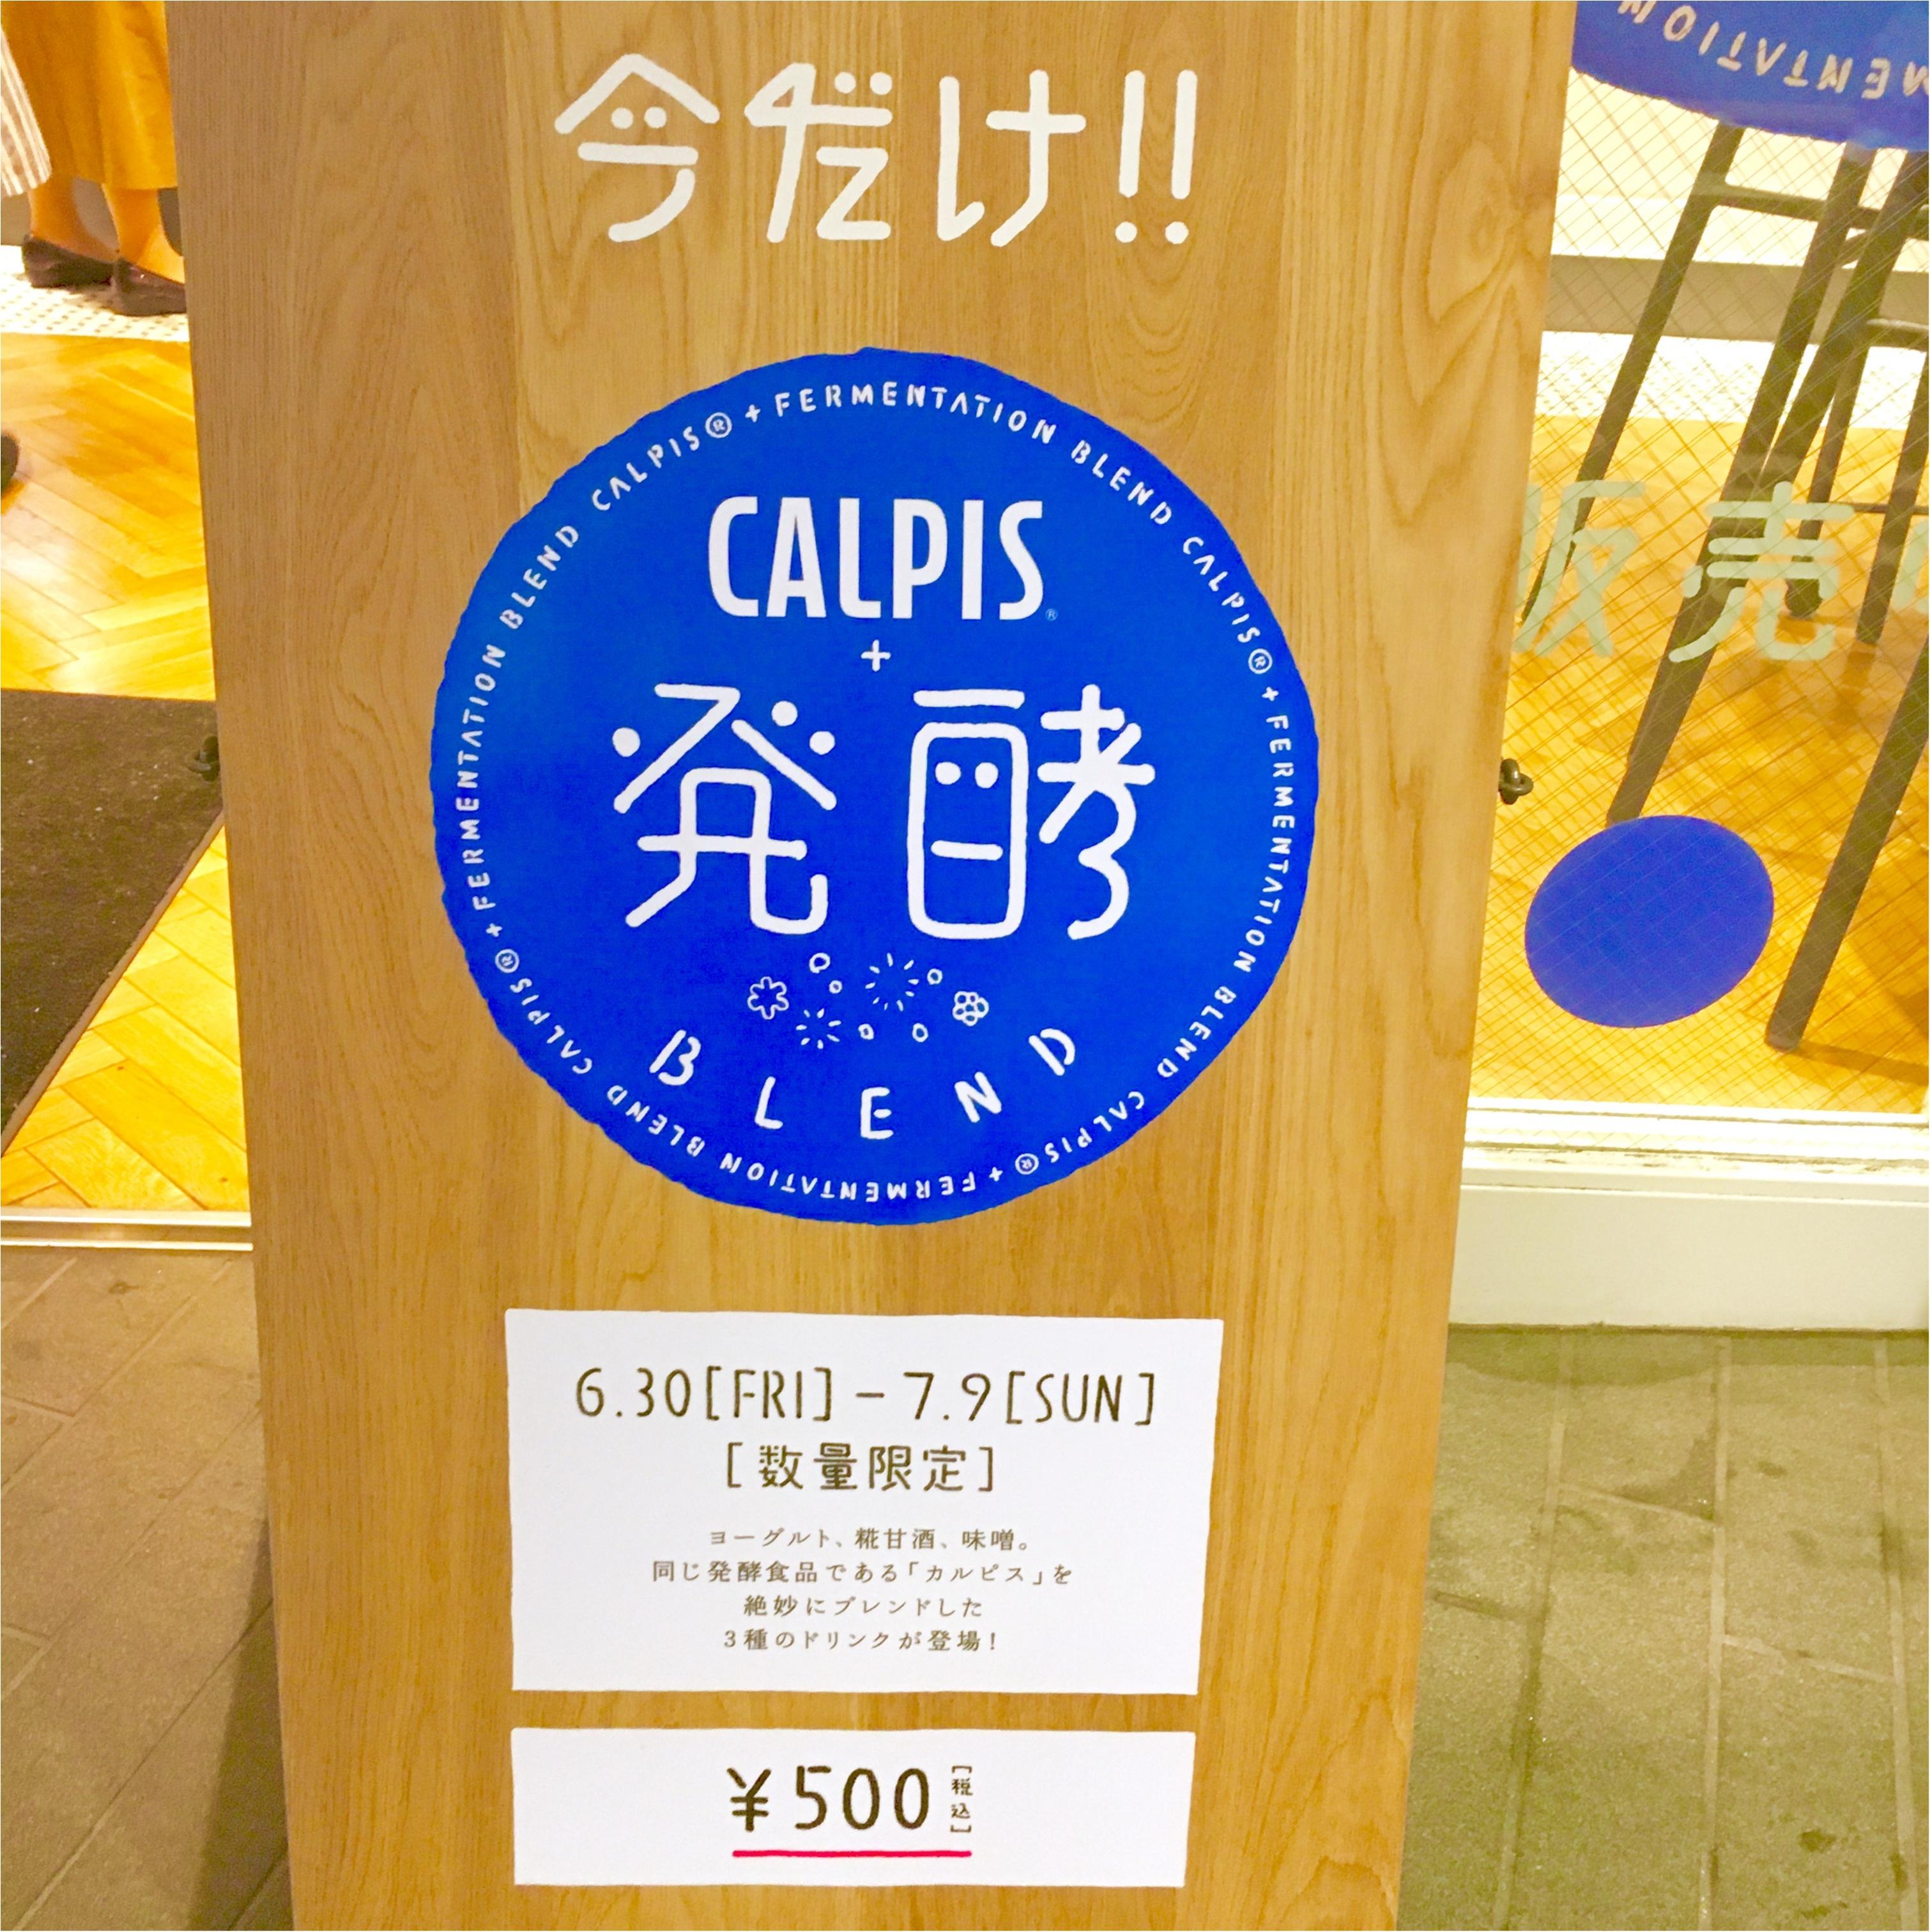 【今しか飲めない ‼︎ @ CAFE】フォトジェニックな《カルピス×発酵》ドリンクが大人気なんです❤️_2